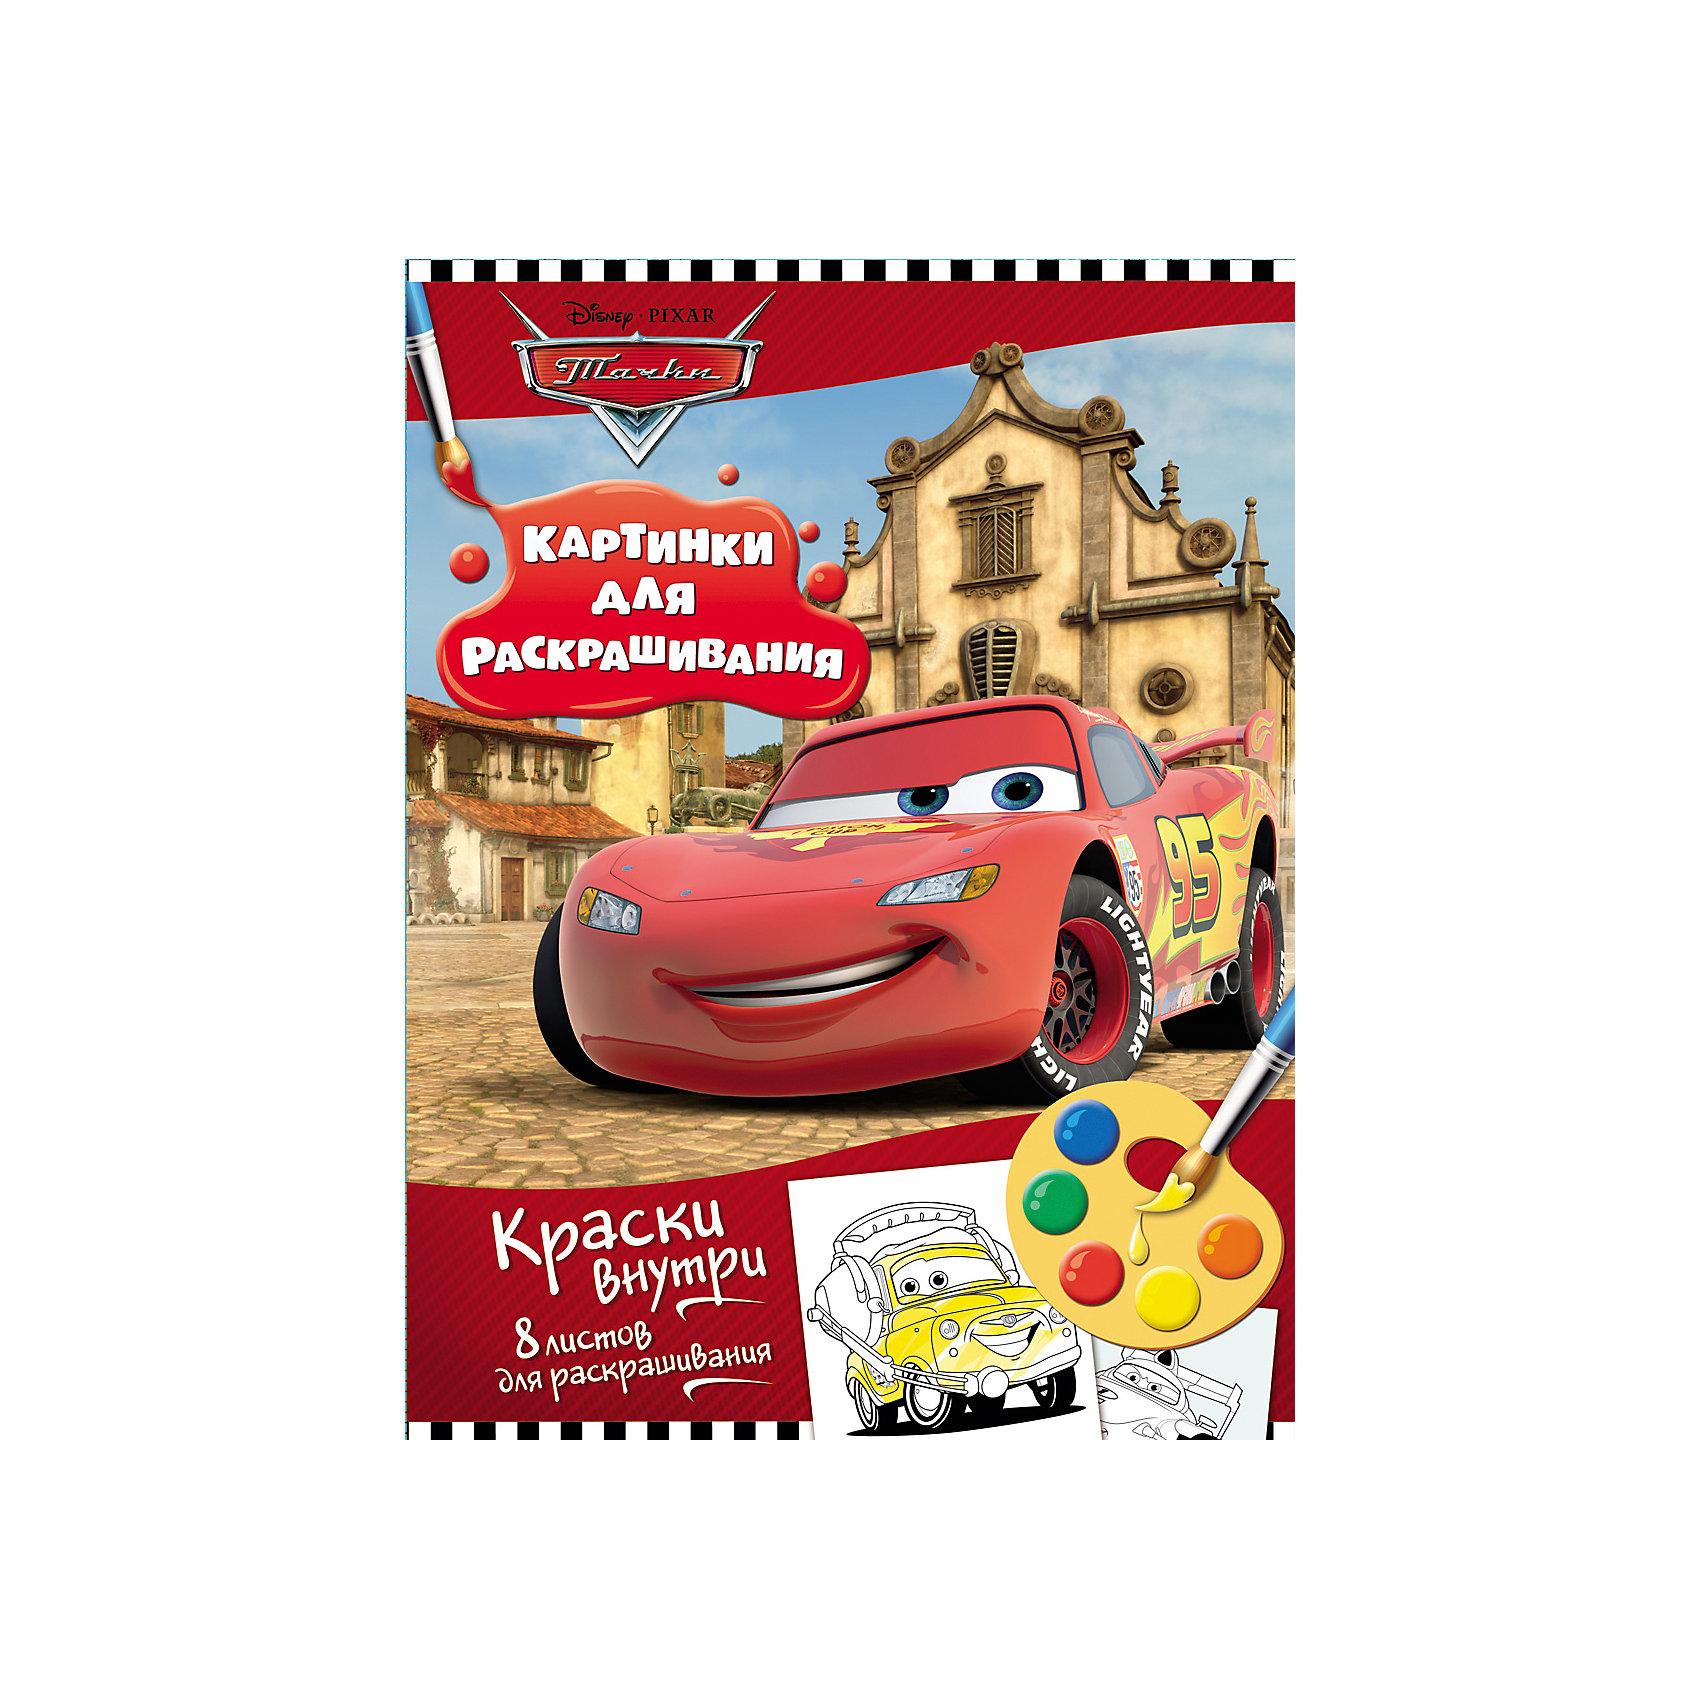 Раскраска с красками, ТачкиРосмэн<br>Характеристики товара:<br><br>- цвет: разноцветный;<br>- материал: бумага;<br>- количество страниц: 16;<br>- формат: 27,8 x 21,0 см;<br>- обложка: мягкая;<br>- наличие красок в комплекте.<br><br>Раскраска – отличный вариант занять малыша в свободное время. Раскрашивание картинок развивает творческие способности, улучшает мелкую моторику и прививает любовь к рисованию. Примечательно, что краски для набора в количестве пяти цветов идут в комплекте. Популярные герои – главная тема альбома. Тачки понравятся всем мальчикам, которые в восторге от супермашинок! Все материалы, использованные при производстве издания, соответствуют всем стандартам качества и безопасности. <br><br>Издание Раскраска с красками, Тачки от компании Росмэн можно приобрести в нашем интернет-магазине.<br><br>Ширина мм: 278<br>Глубина мм: 210<br>Высота мм: 2<br>Вес г: 96<br>Возраст от месяцев: 0<br>Возраст до месяцев: 36<br>Пол: Мужской<br>Возраст: Детский<br>SKU: 5109847